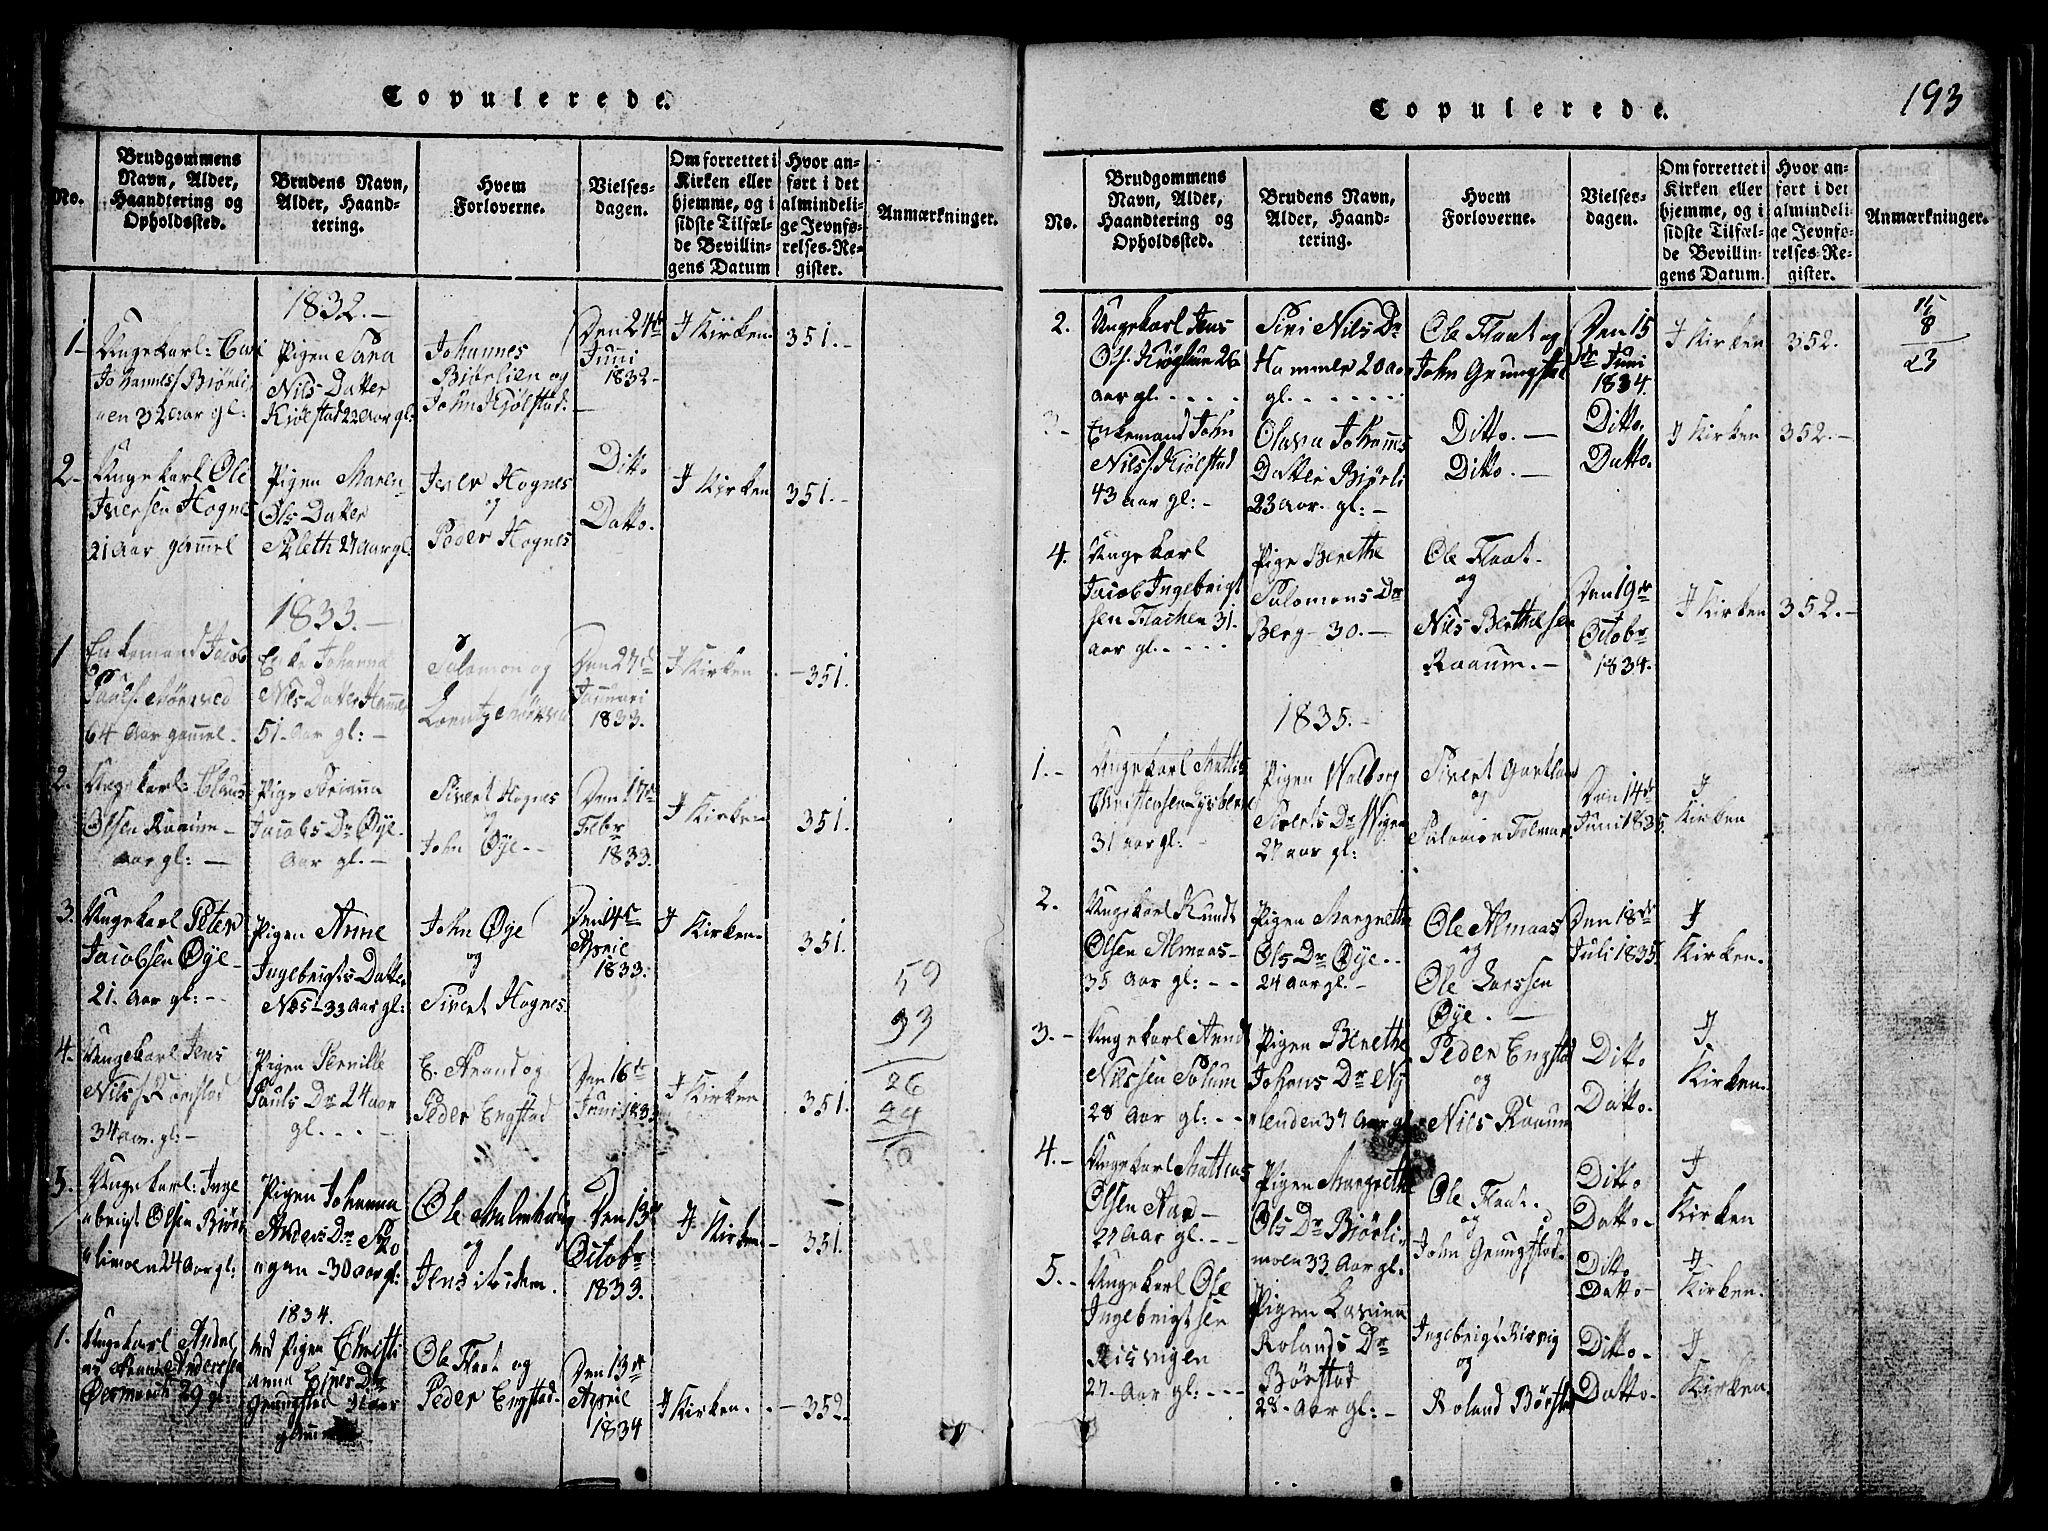 SAT, Ministerialprotokoller, klokkerbøker og fødselsregistre - Nord-Trøndelag, 765/L0562: Klokkerbok nr. 765C01, 1817-1851, s. 193